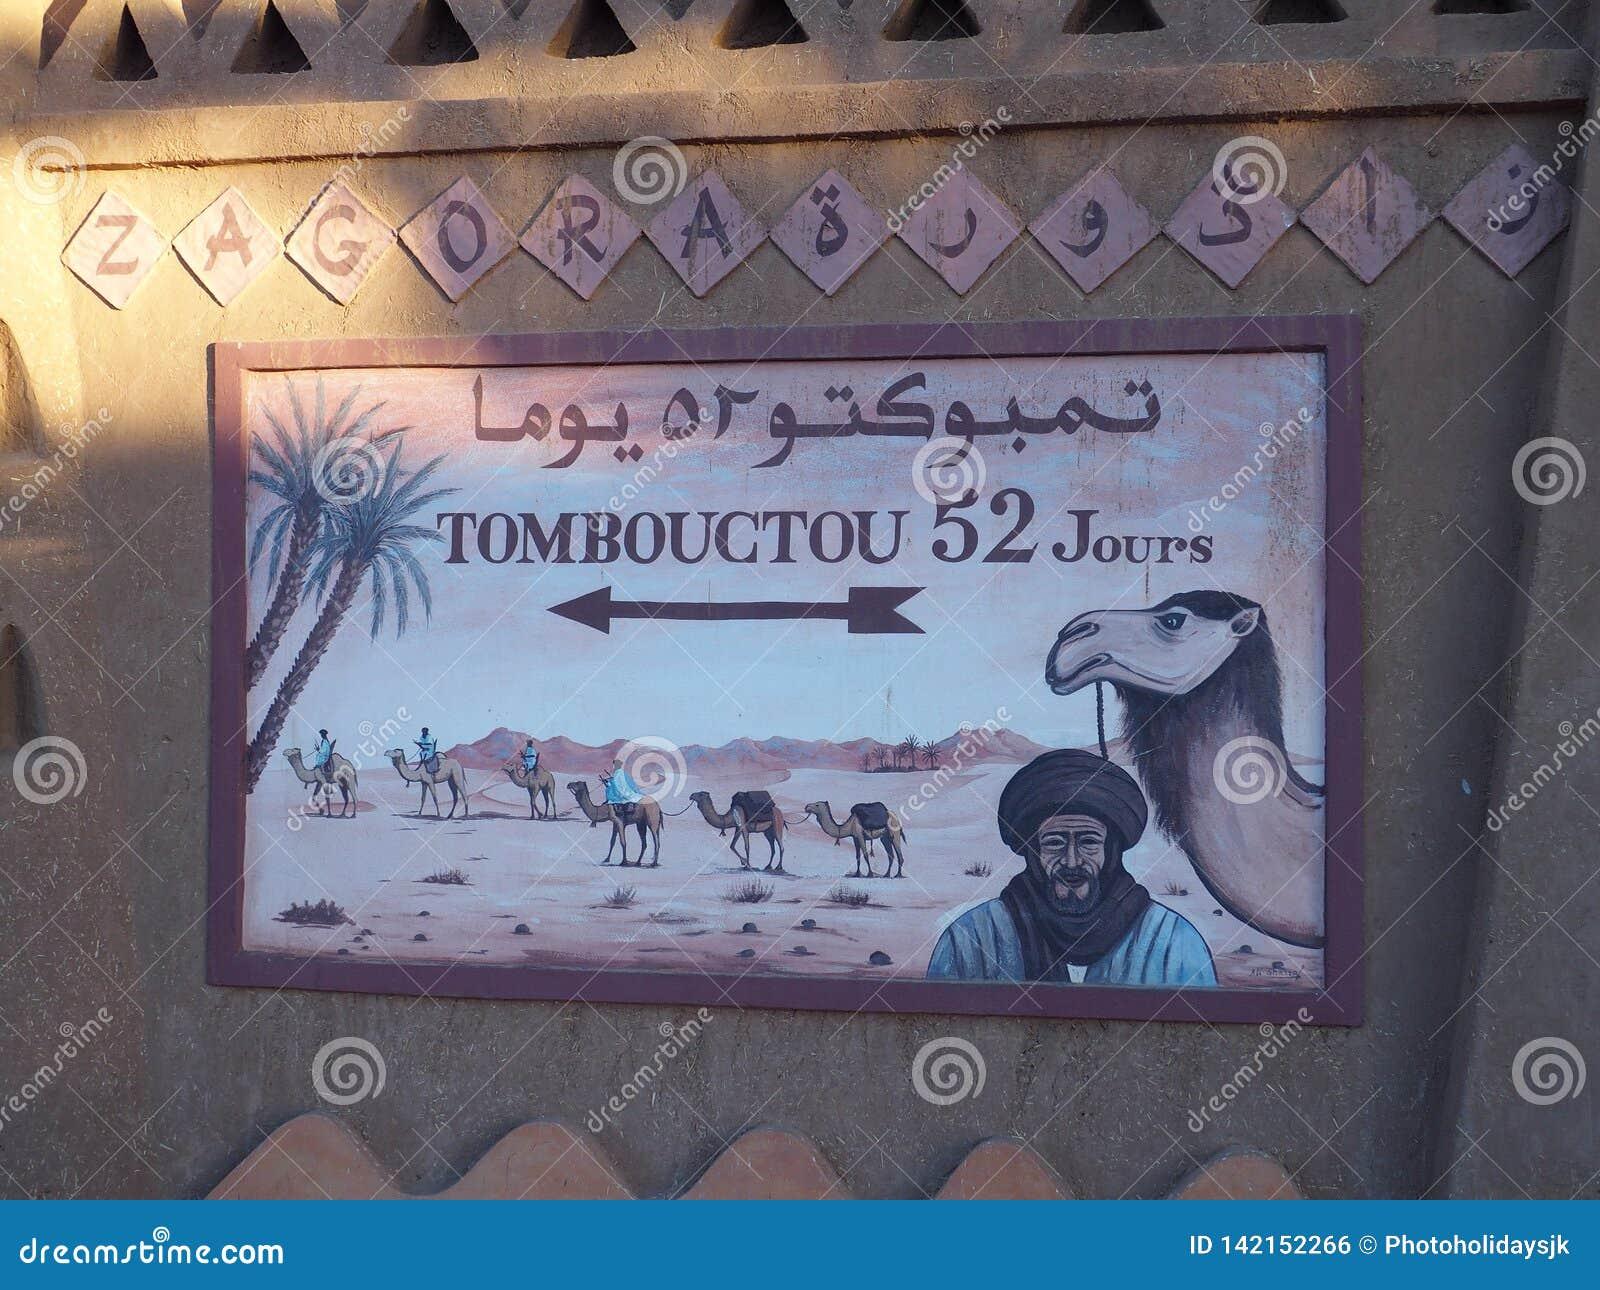 Malowidło ścienne w afrykanina Zagora miasteczku w Maroko, sposoby: 52 dnia Timbuktu w Mali lub wielbłądzie pieszo